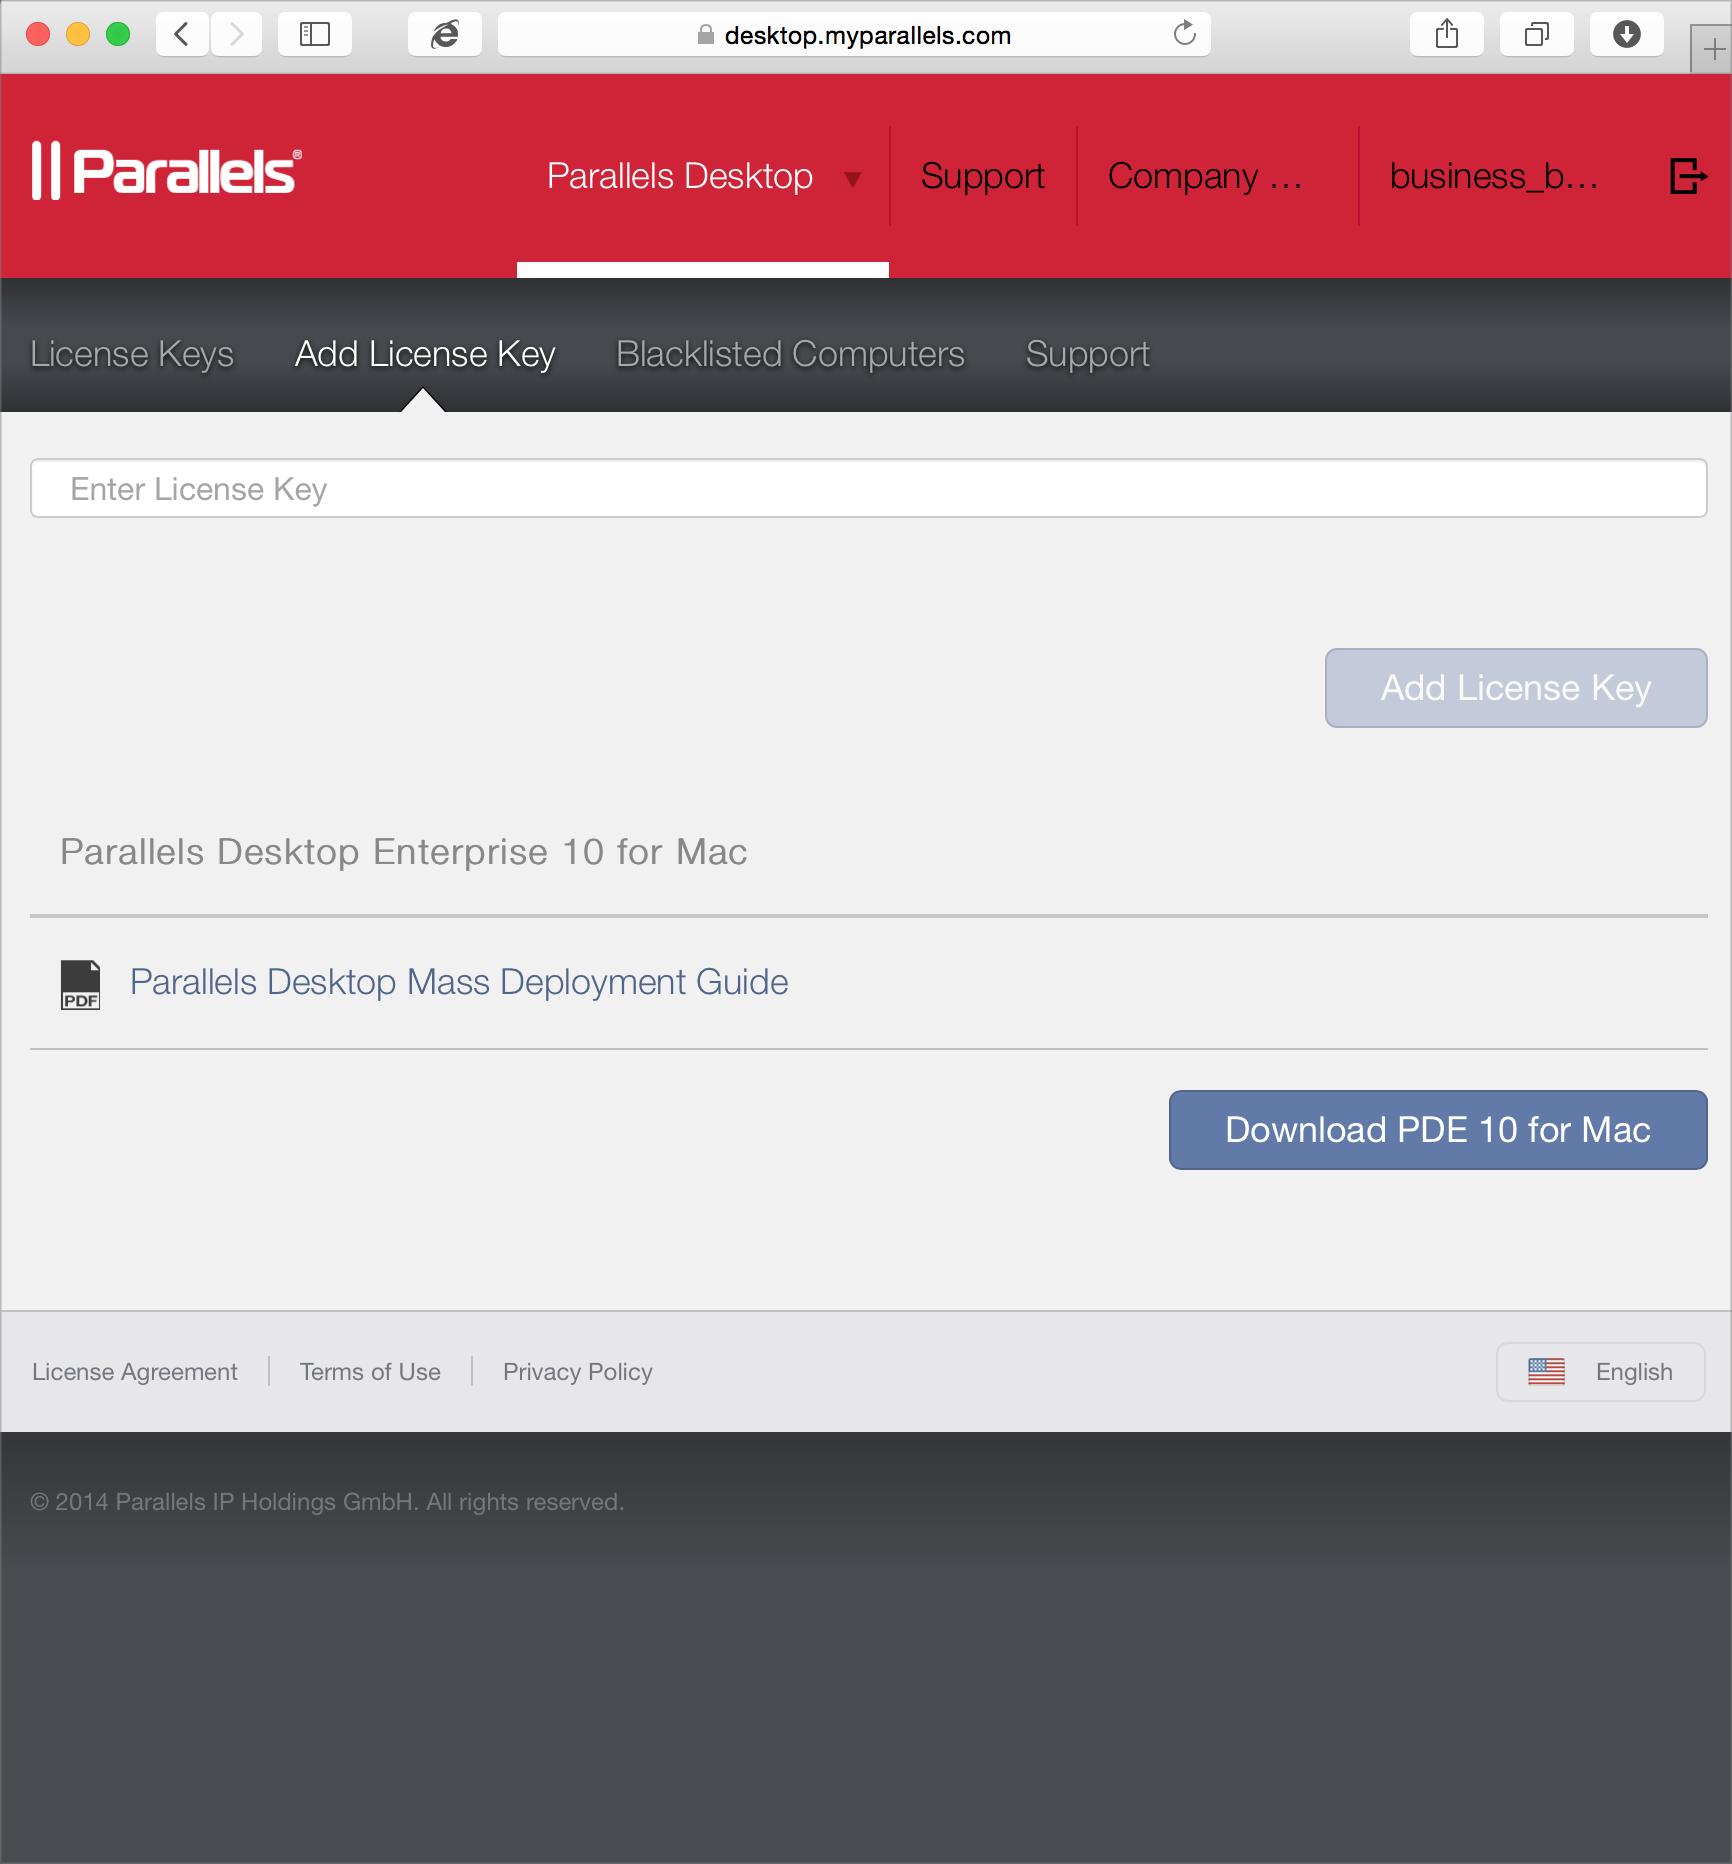 Adding Parallels Desktop Enterprise License Keys